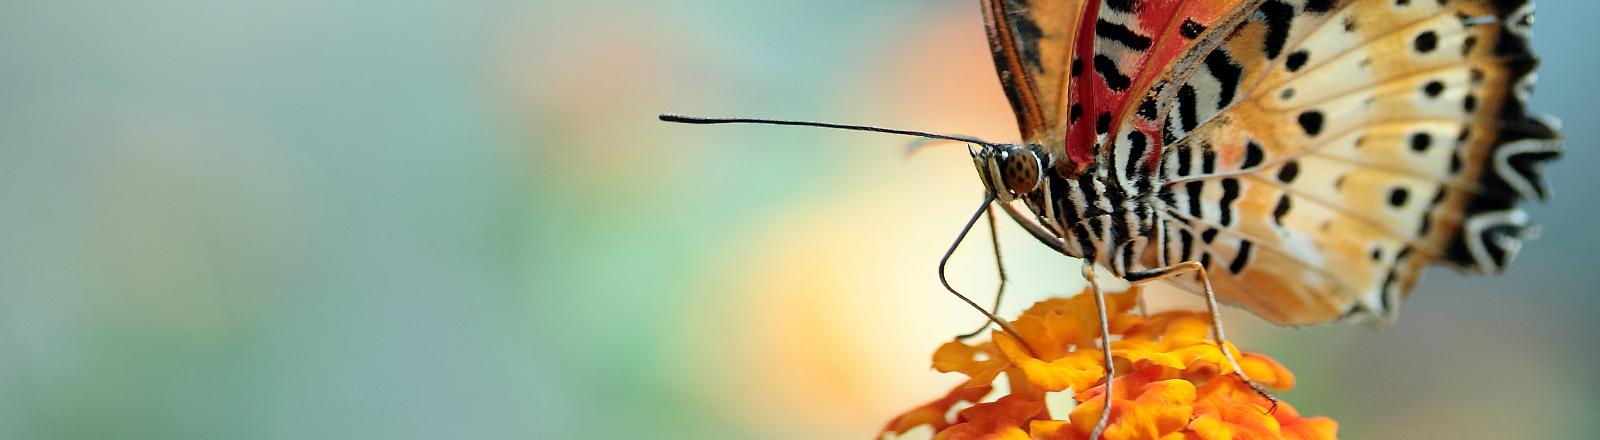 Ein Schmetterling sitzt entspannt auf einer Blume.